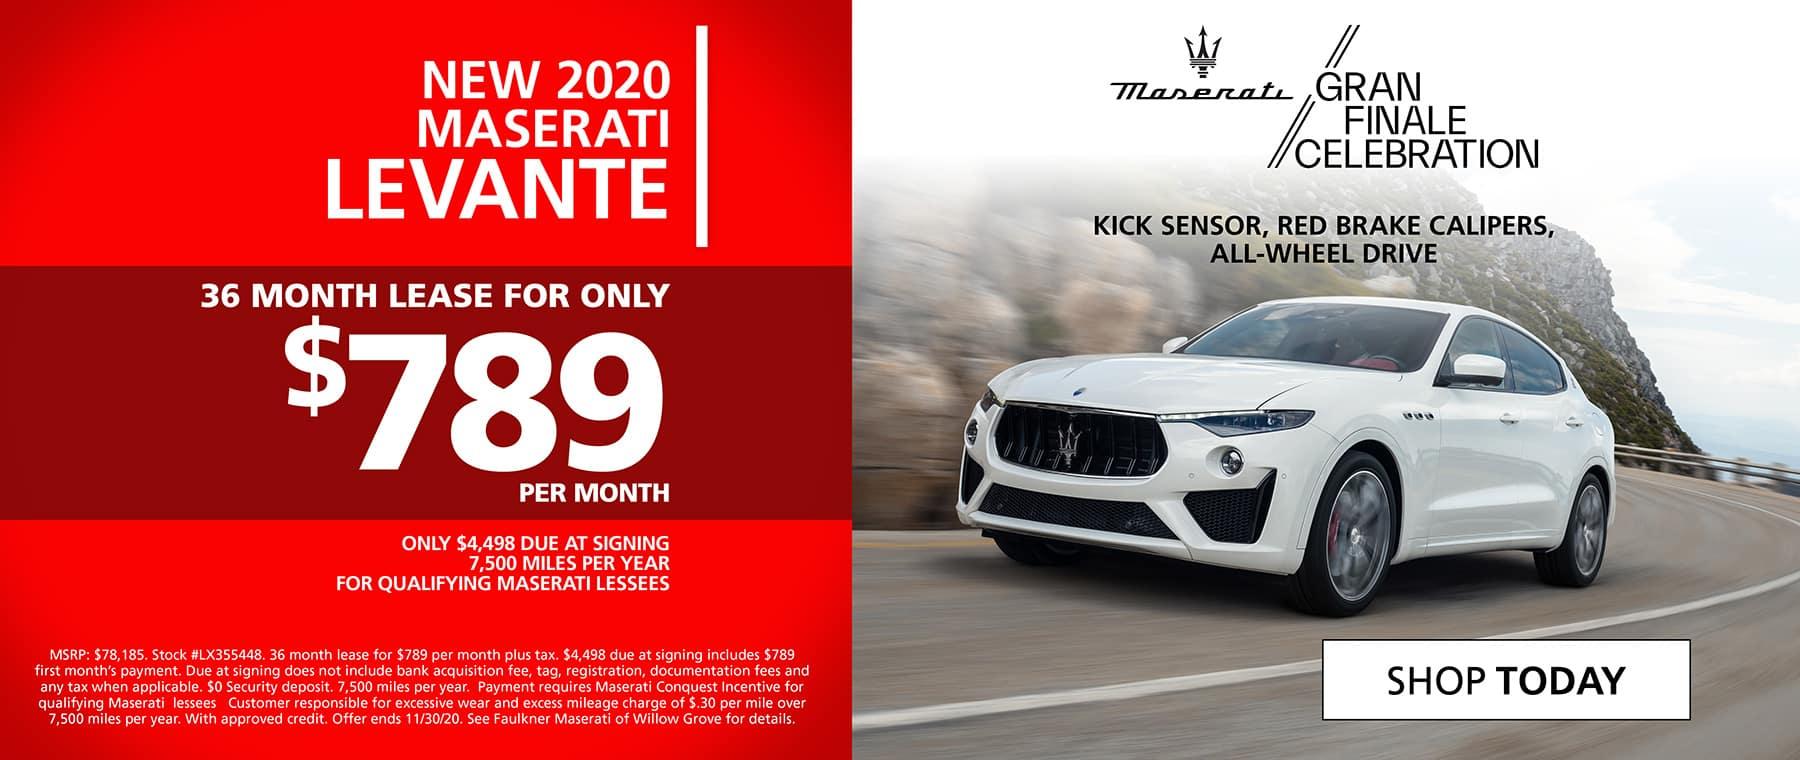 Shop New 2020 Maserati Levante